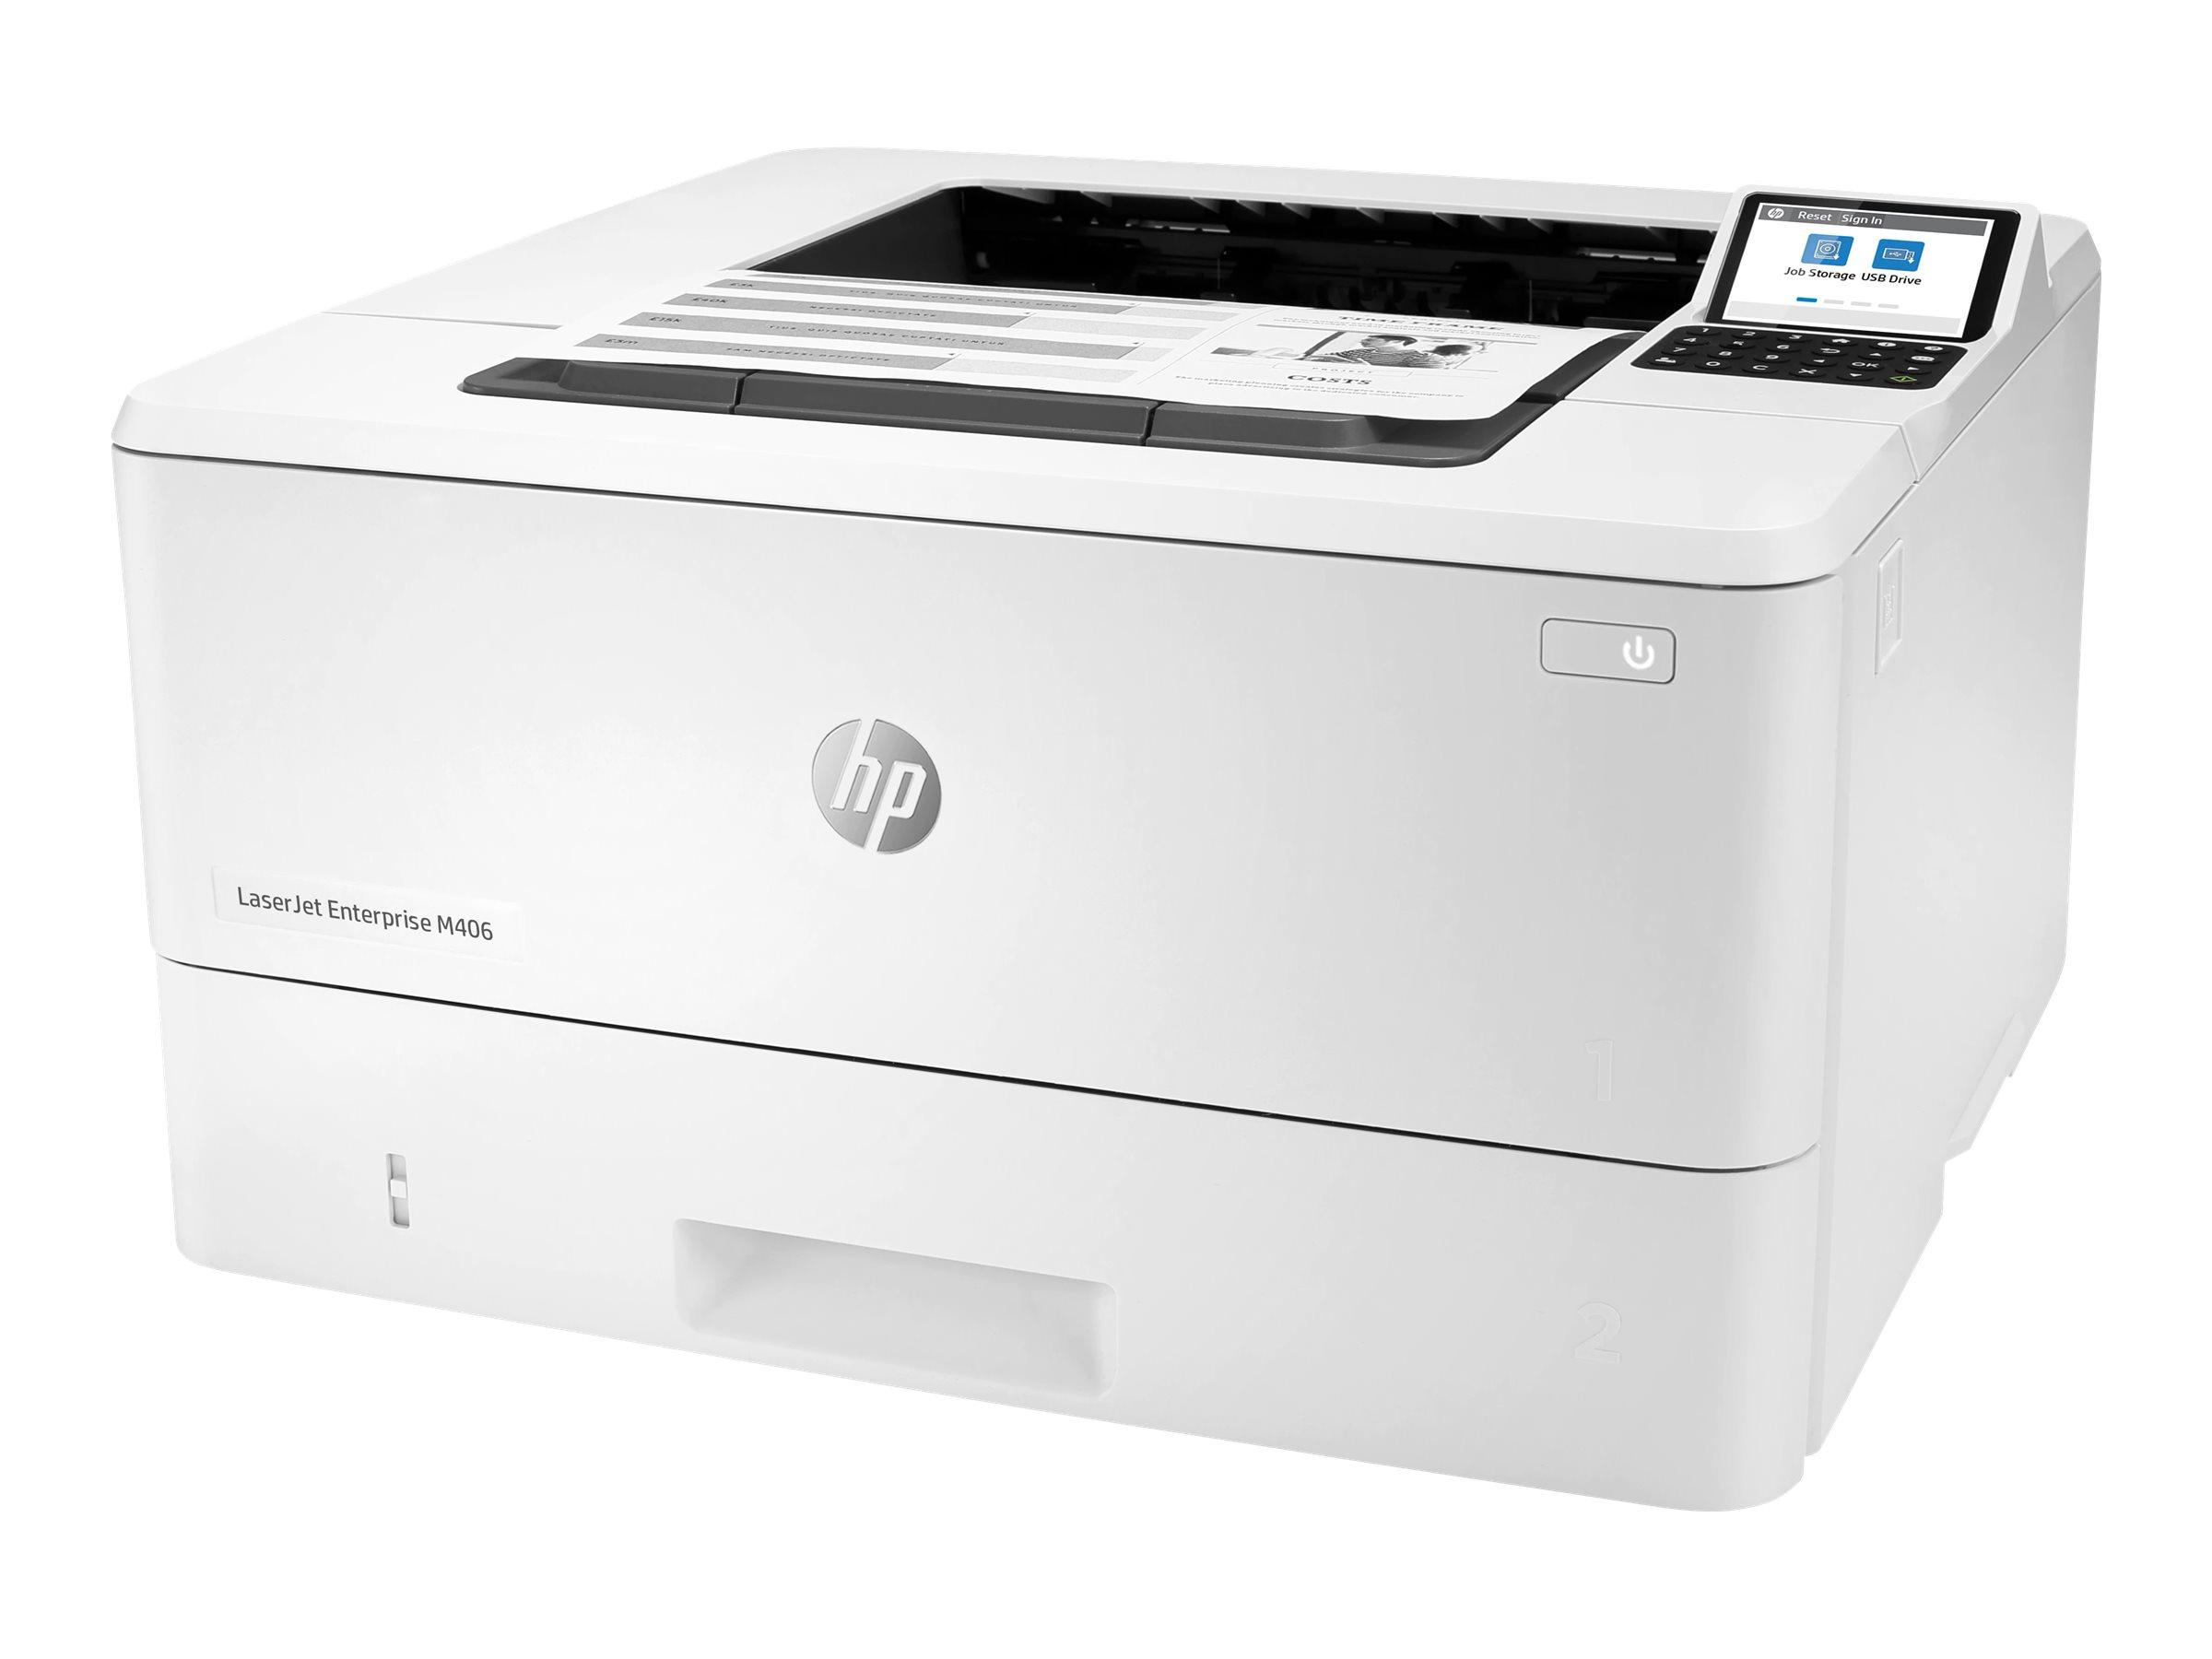 HP LaserJet Enterprise M406dn - Drucker - s/w